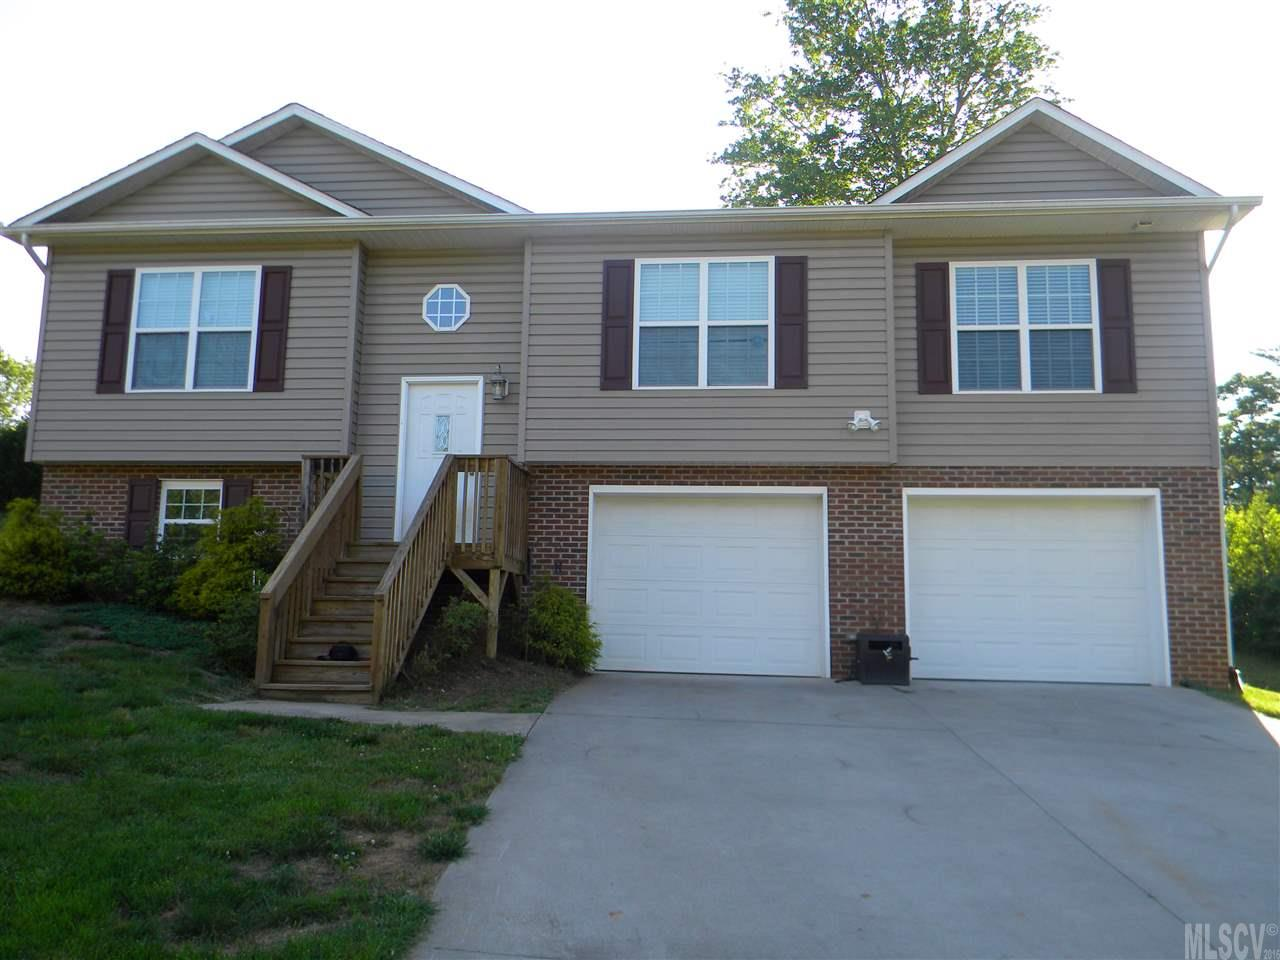 213 Pine Meadows Cir, Hickory, NC 28601